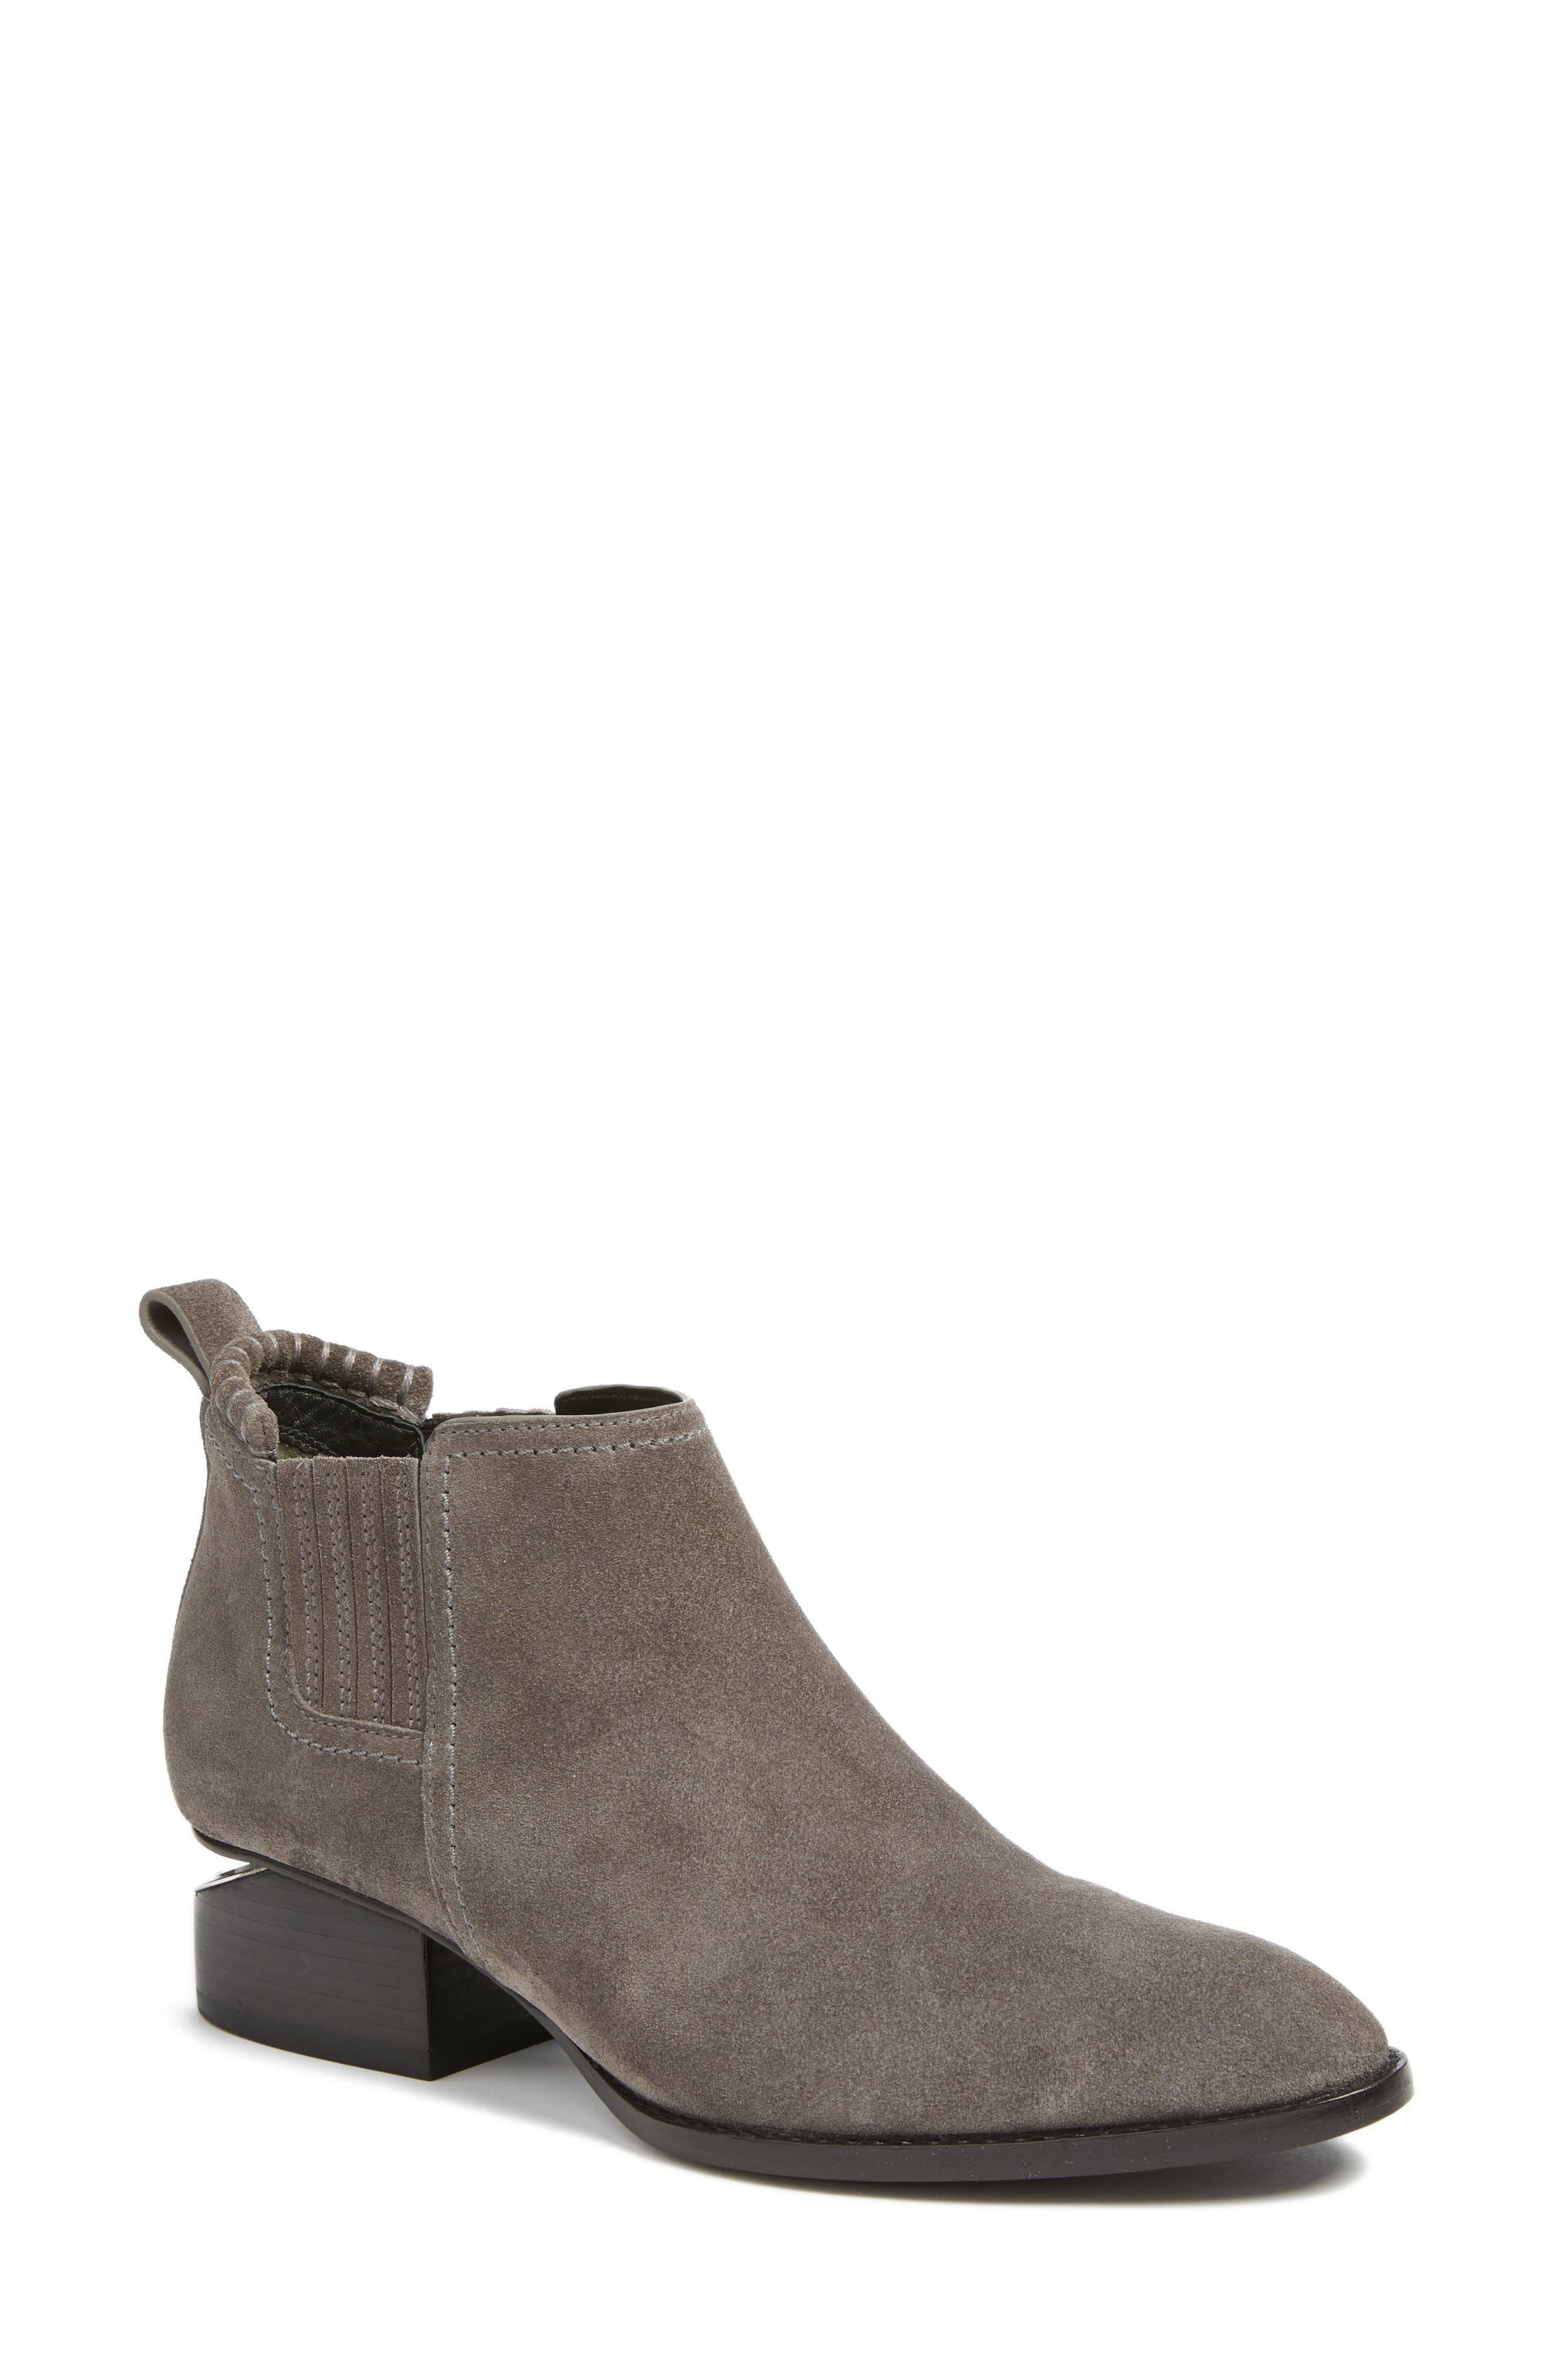 Kori Chelsea Boot,                         Main,                         color, 020